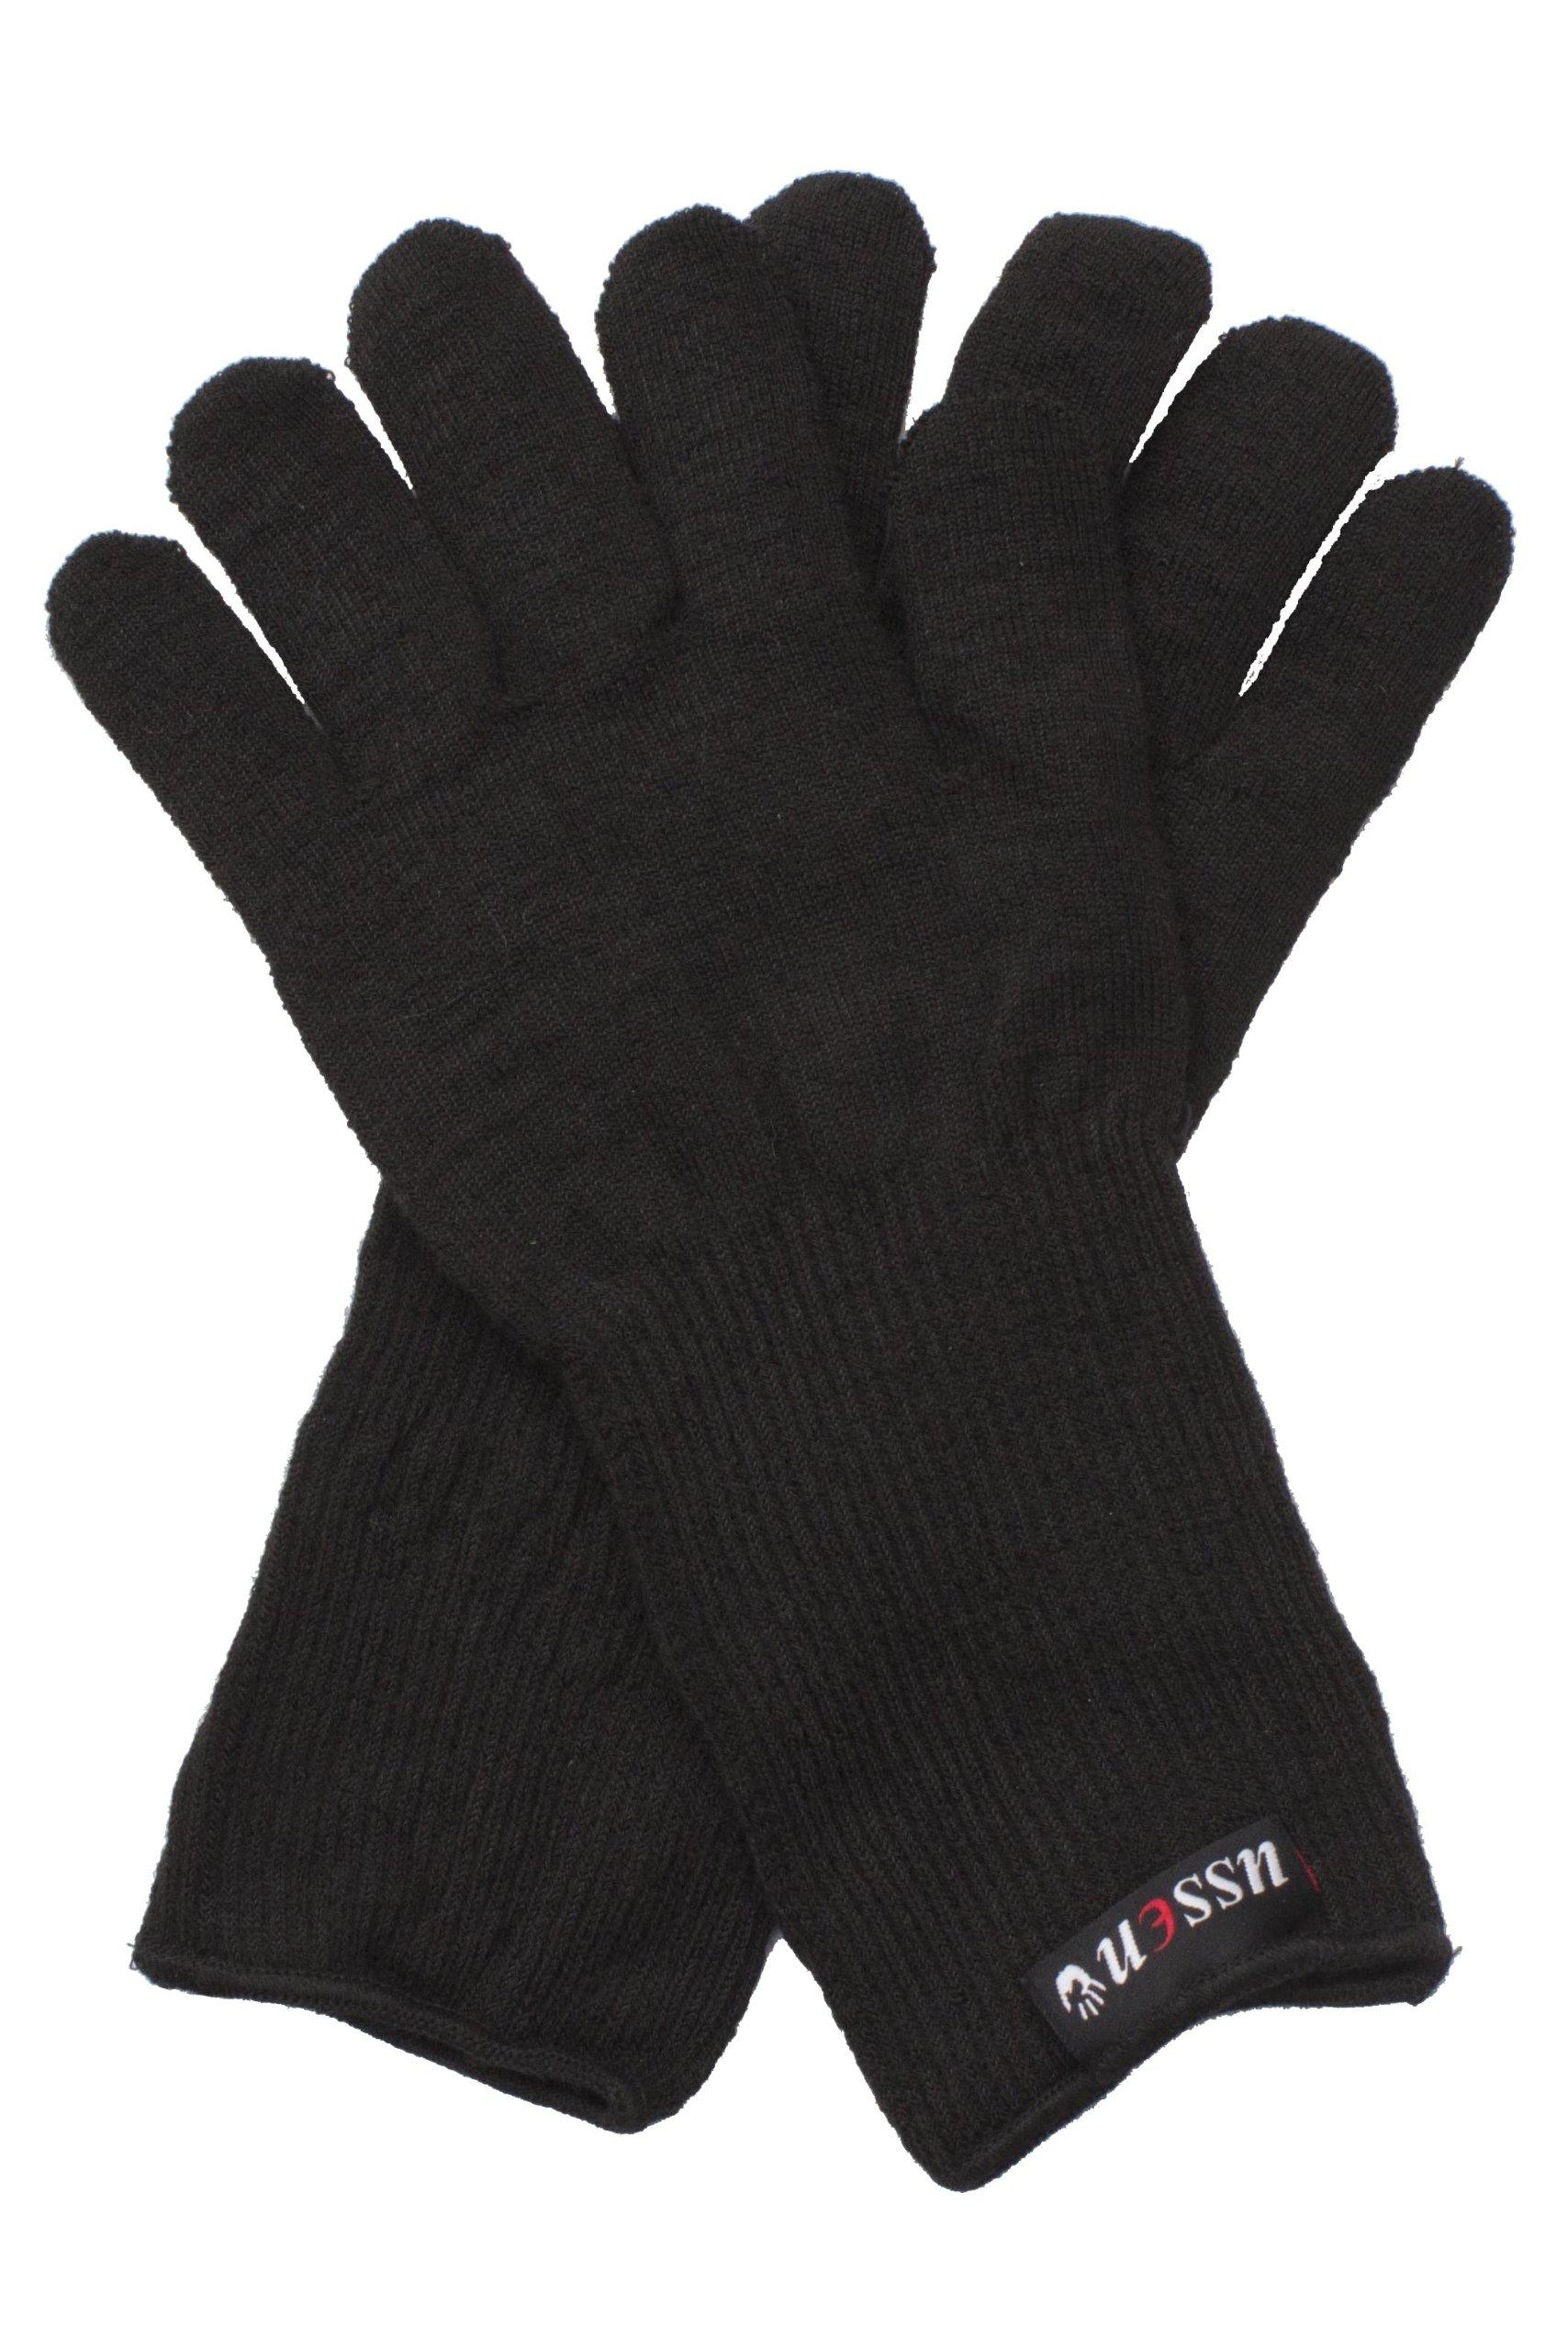 Ussen Men's 1 Pair Flight Gloves One Size Black